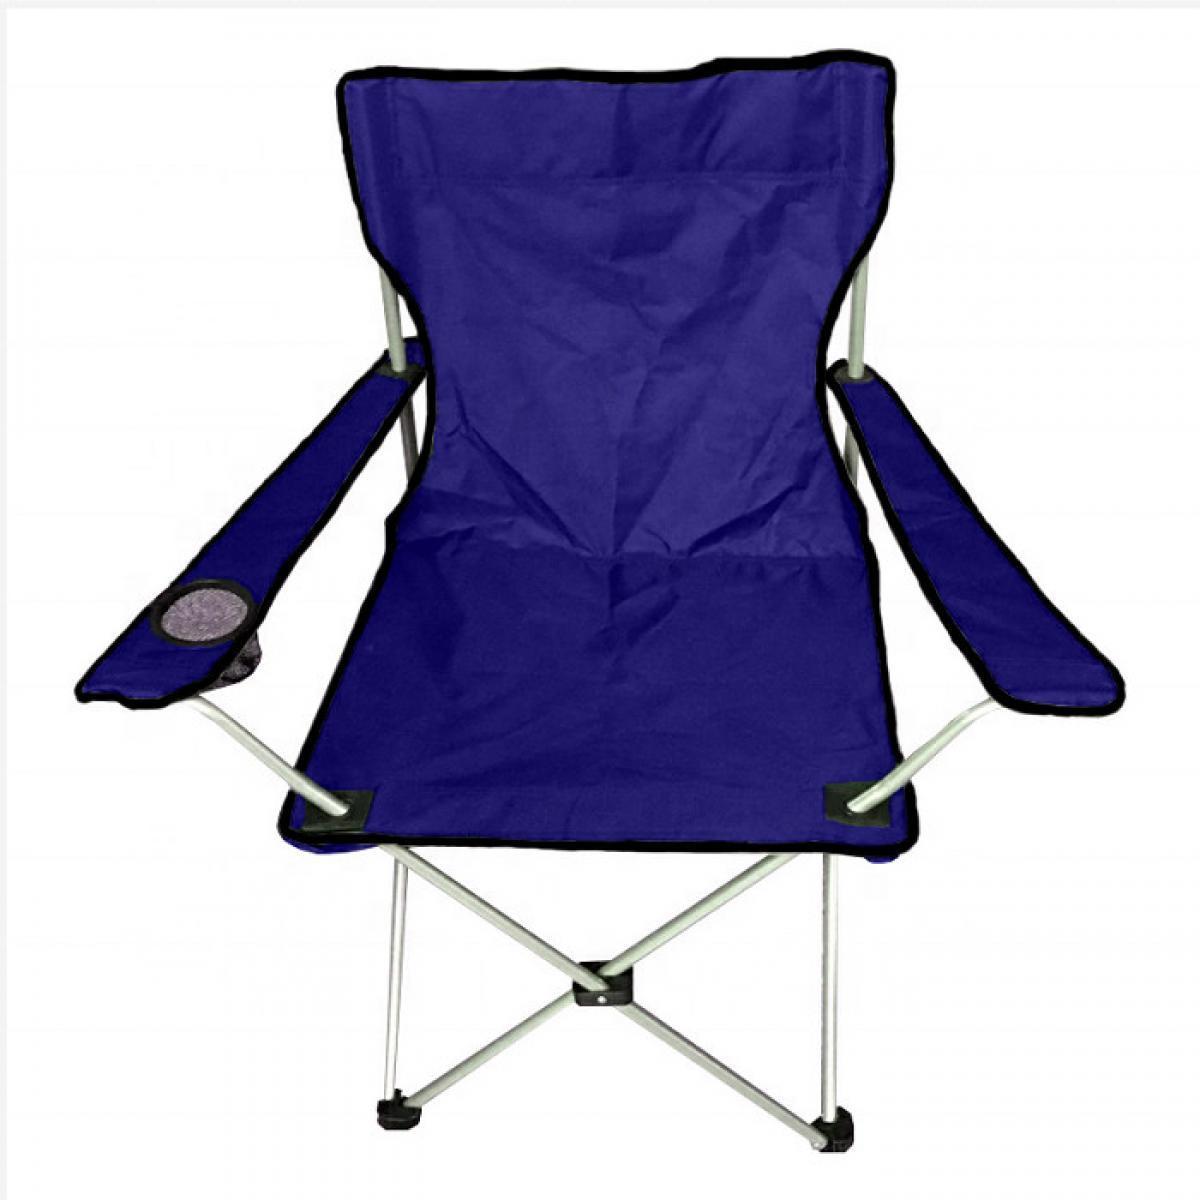 Кресло раскладное Паук R28836 темно-синее, 52х52х88 см